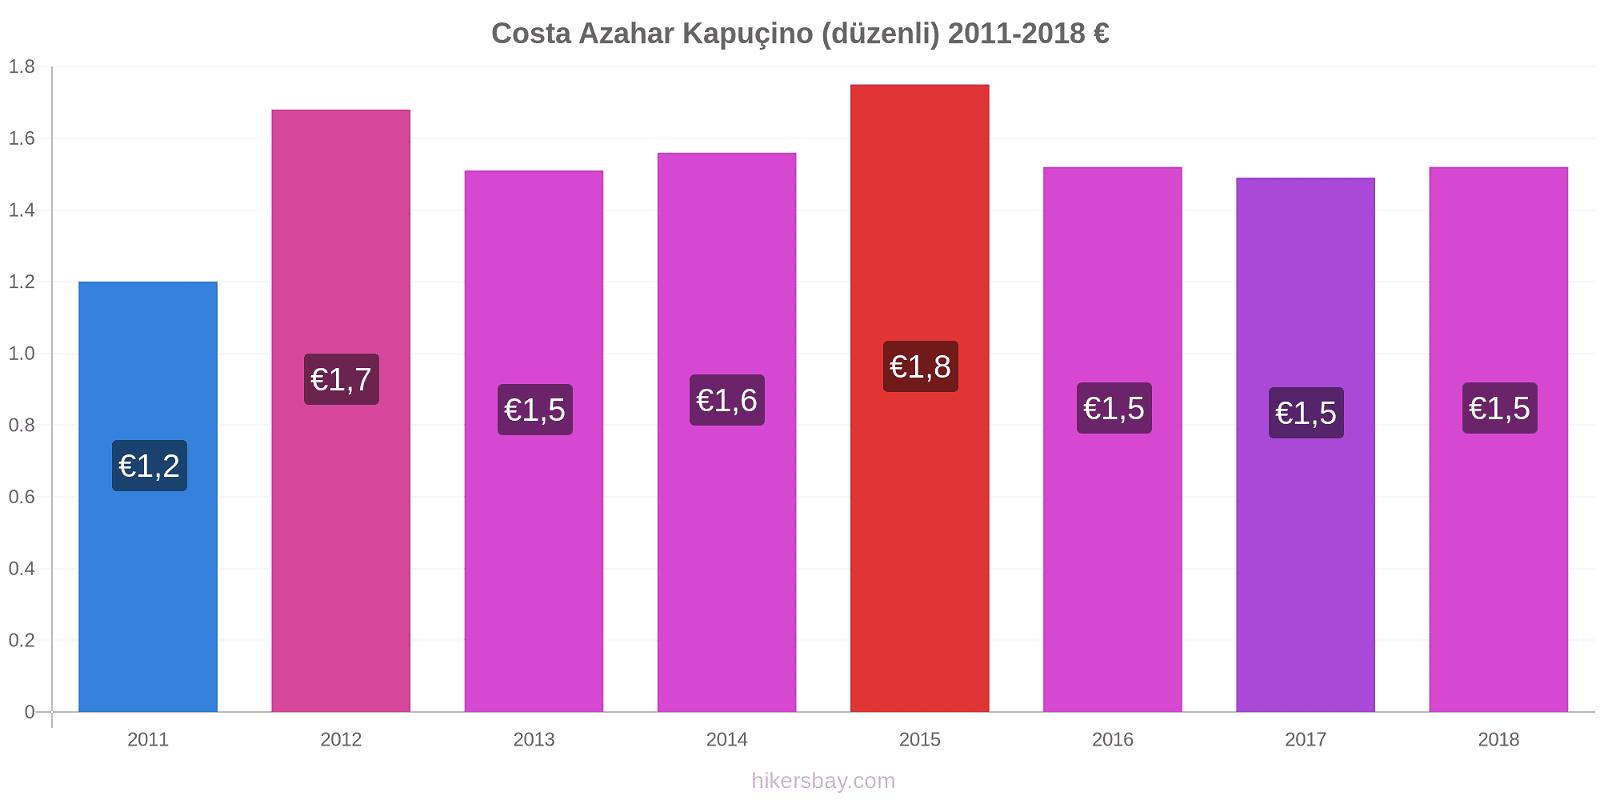 Costa Azahar fiyat değişiklikleri Kapuçino (düzenli) hikersbay.com